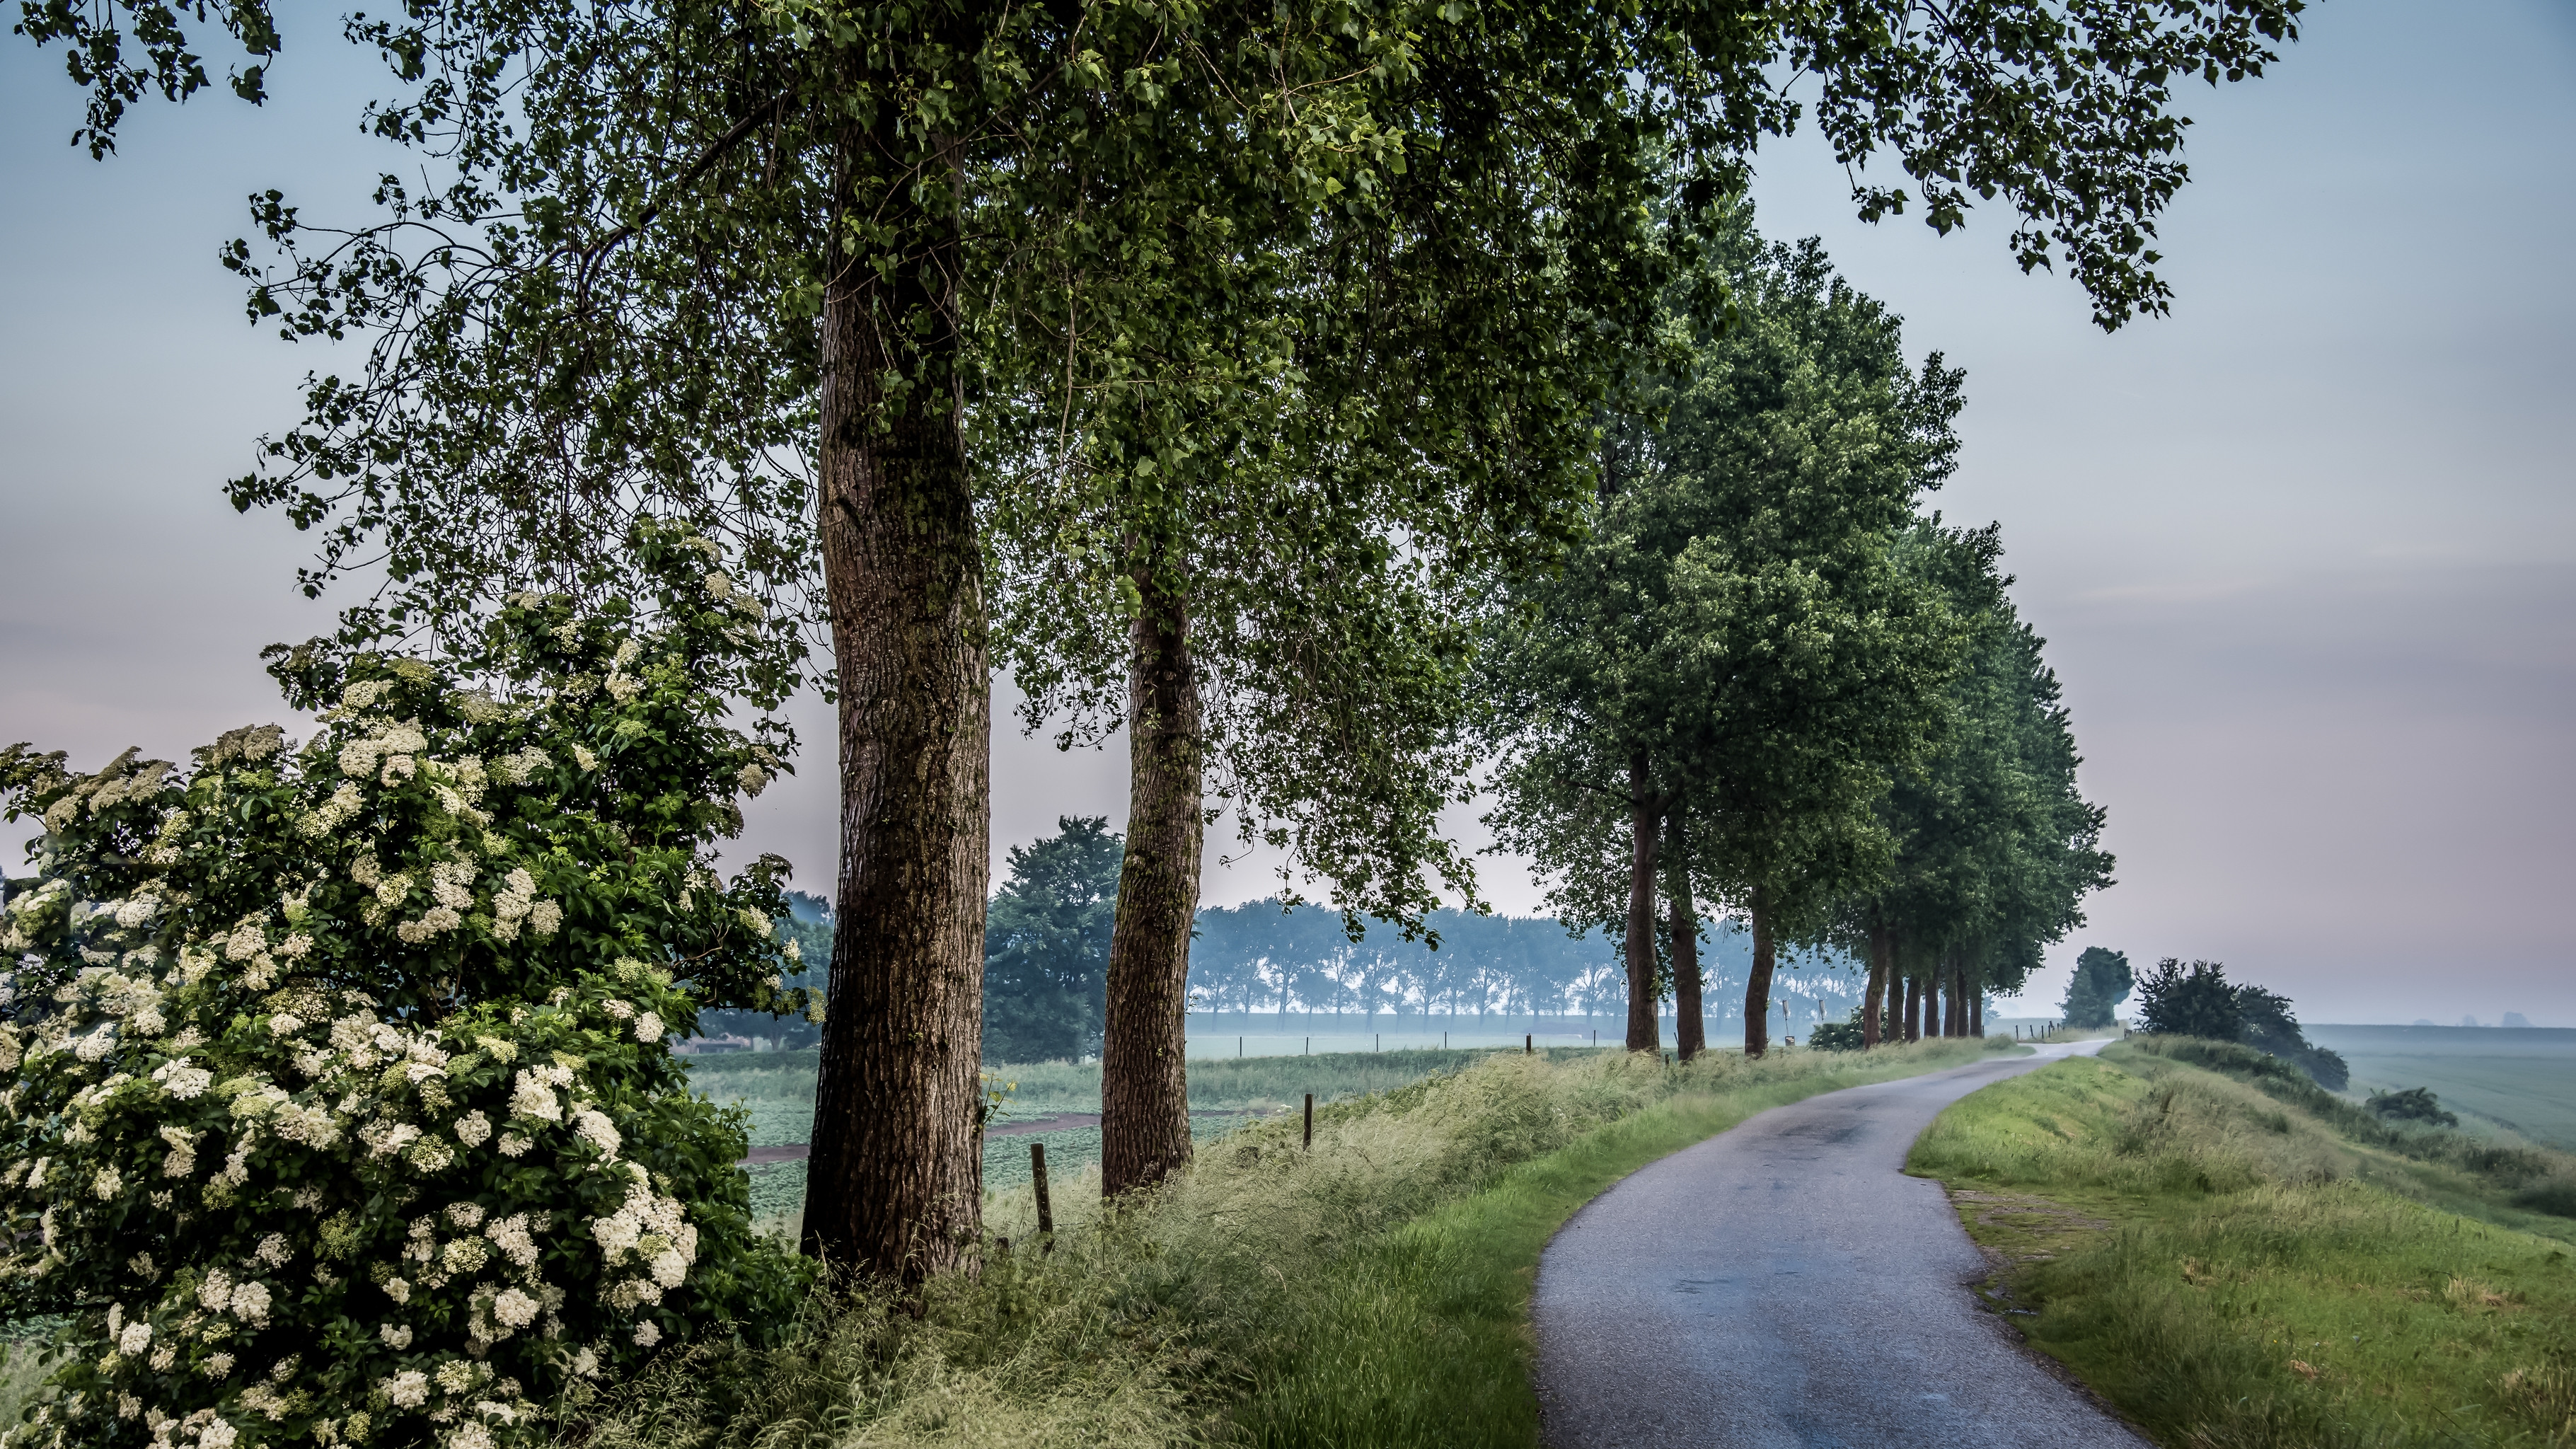 обои поле, дорога, деревья, цветы картинки фото